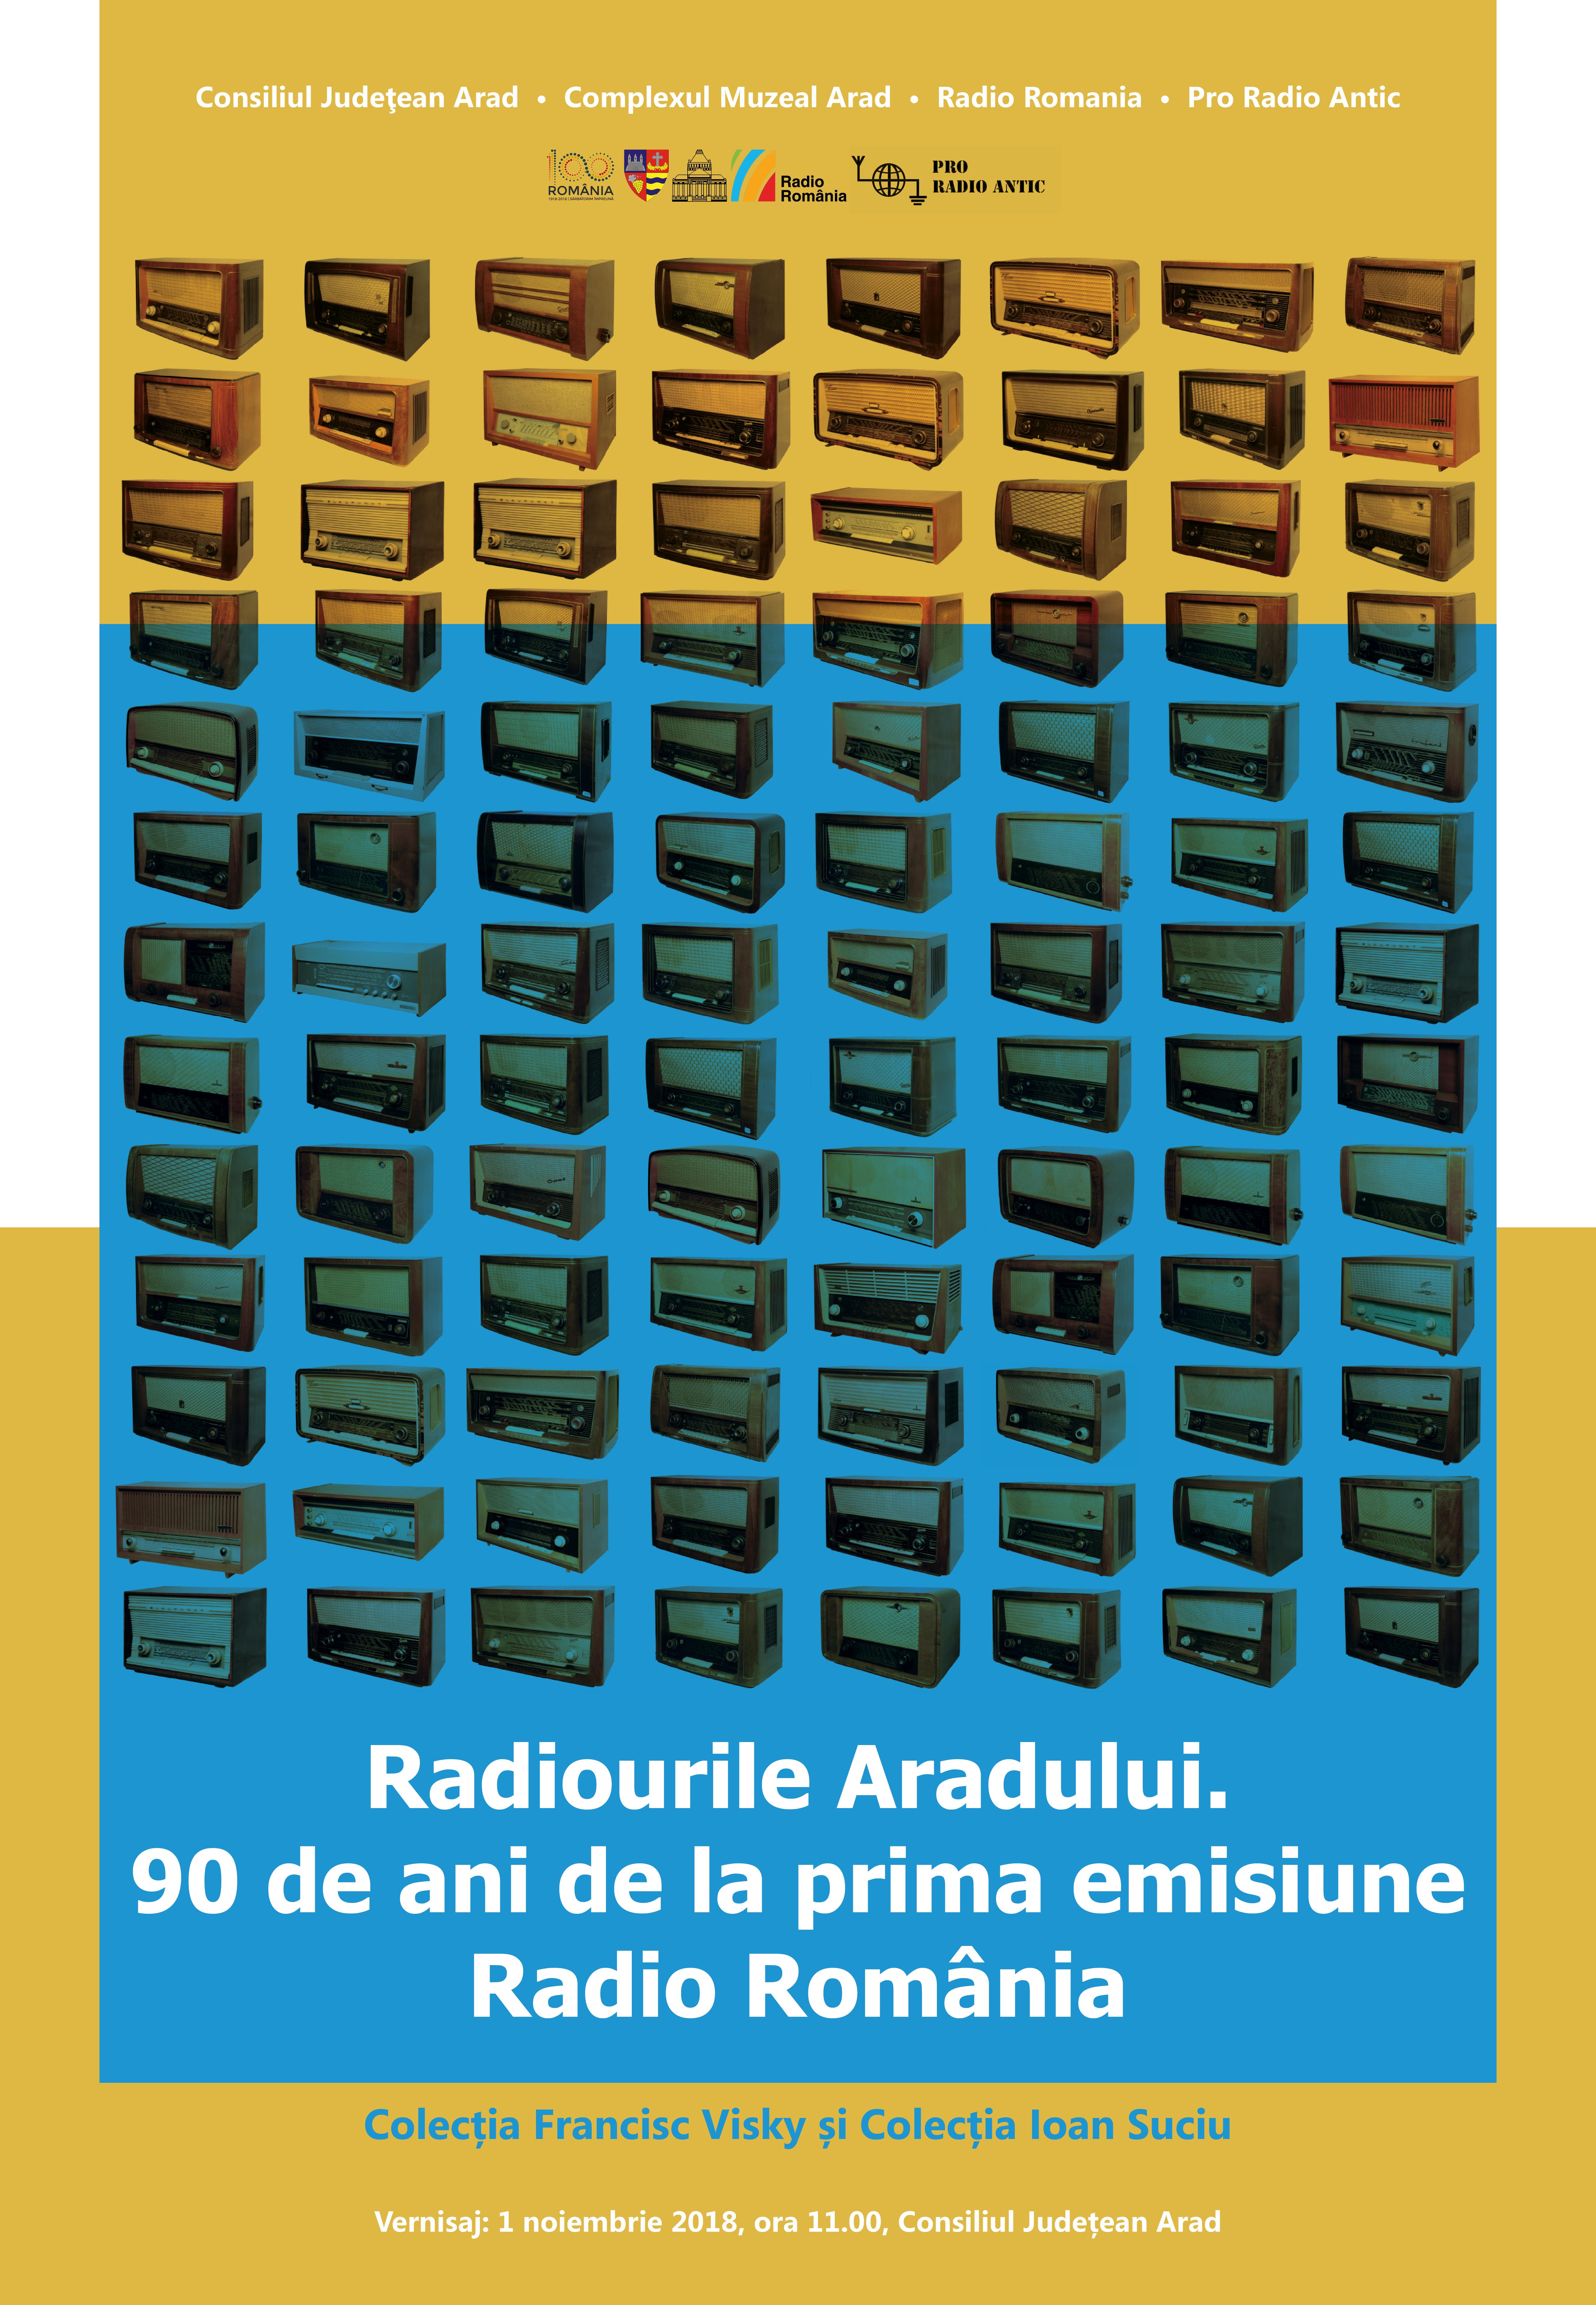 Radiourile Aradului în expoziție, cu ocazia împlinirii a 90 de ani de Radio Romania